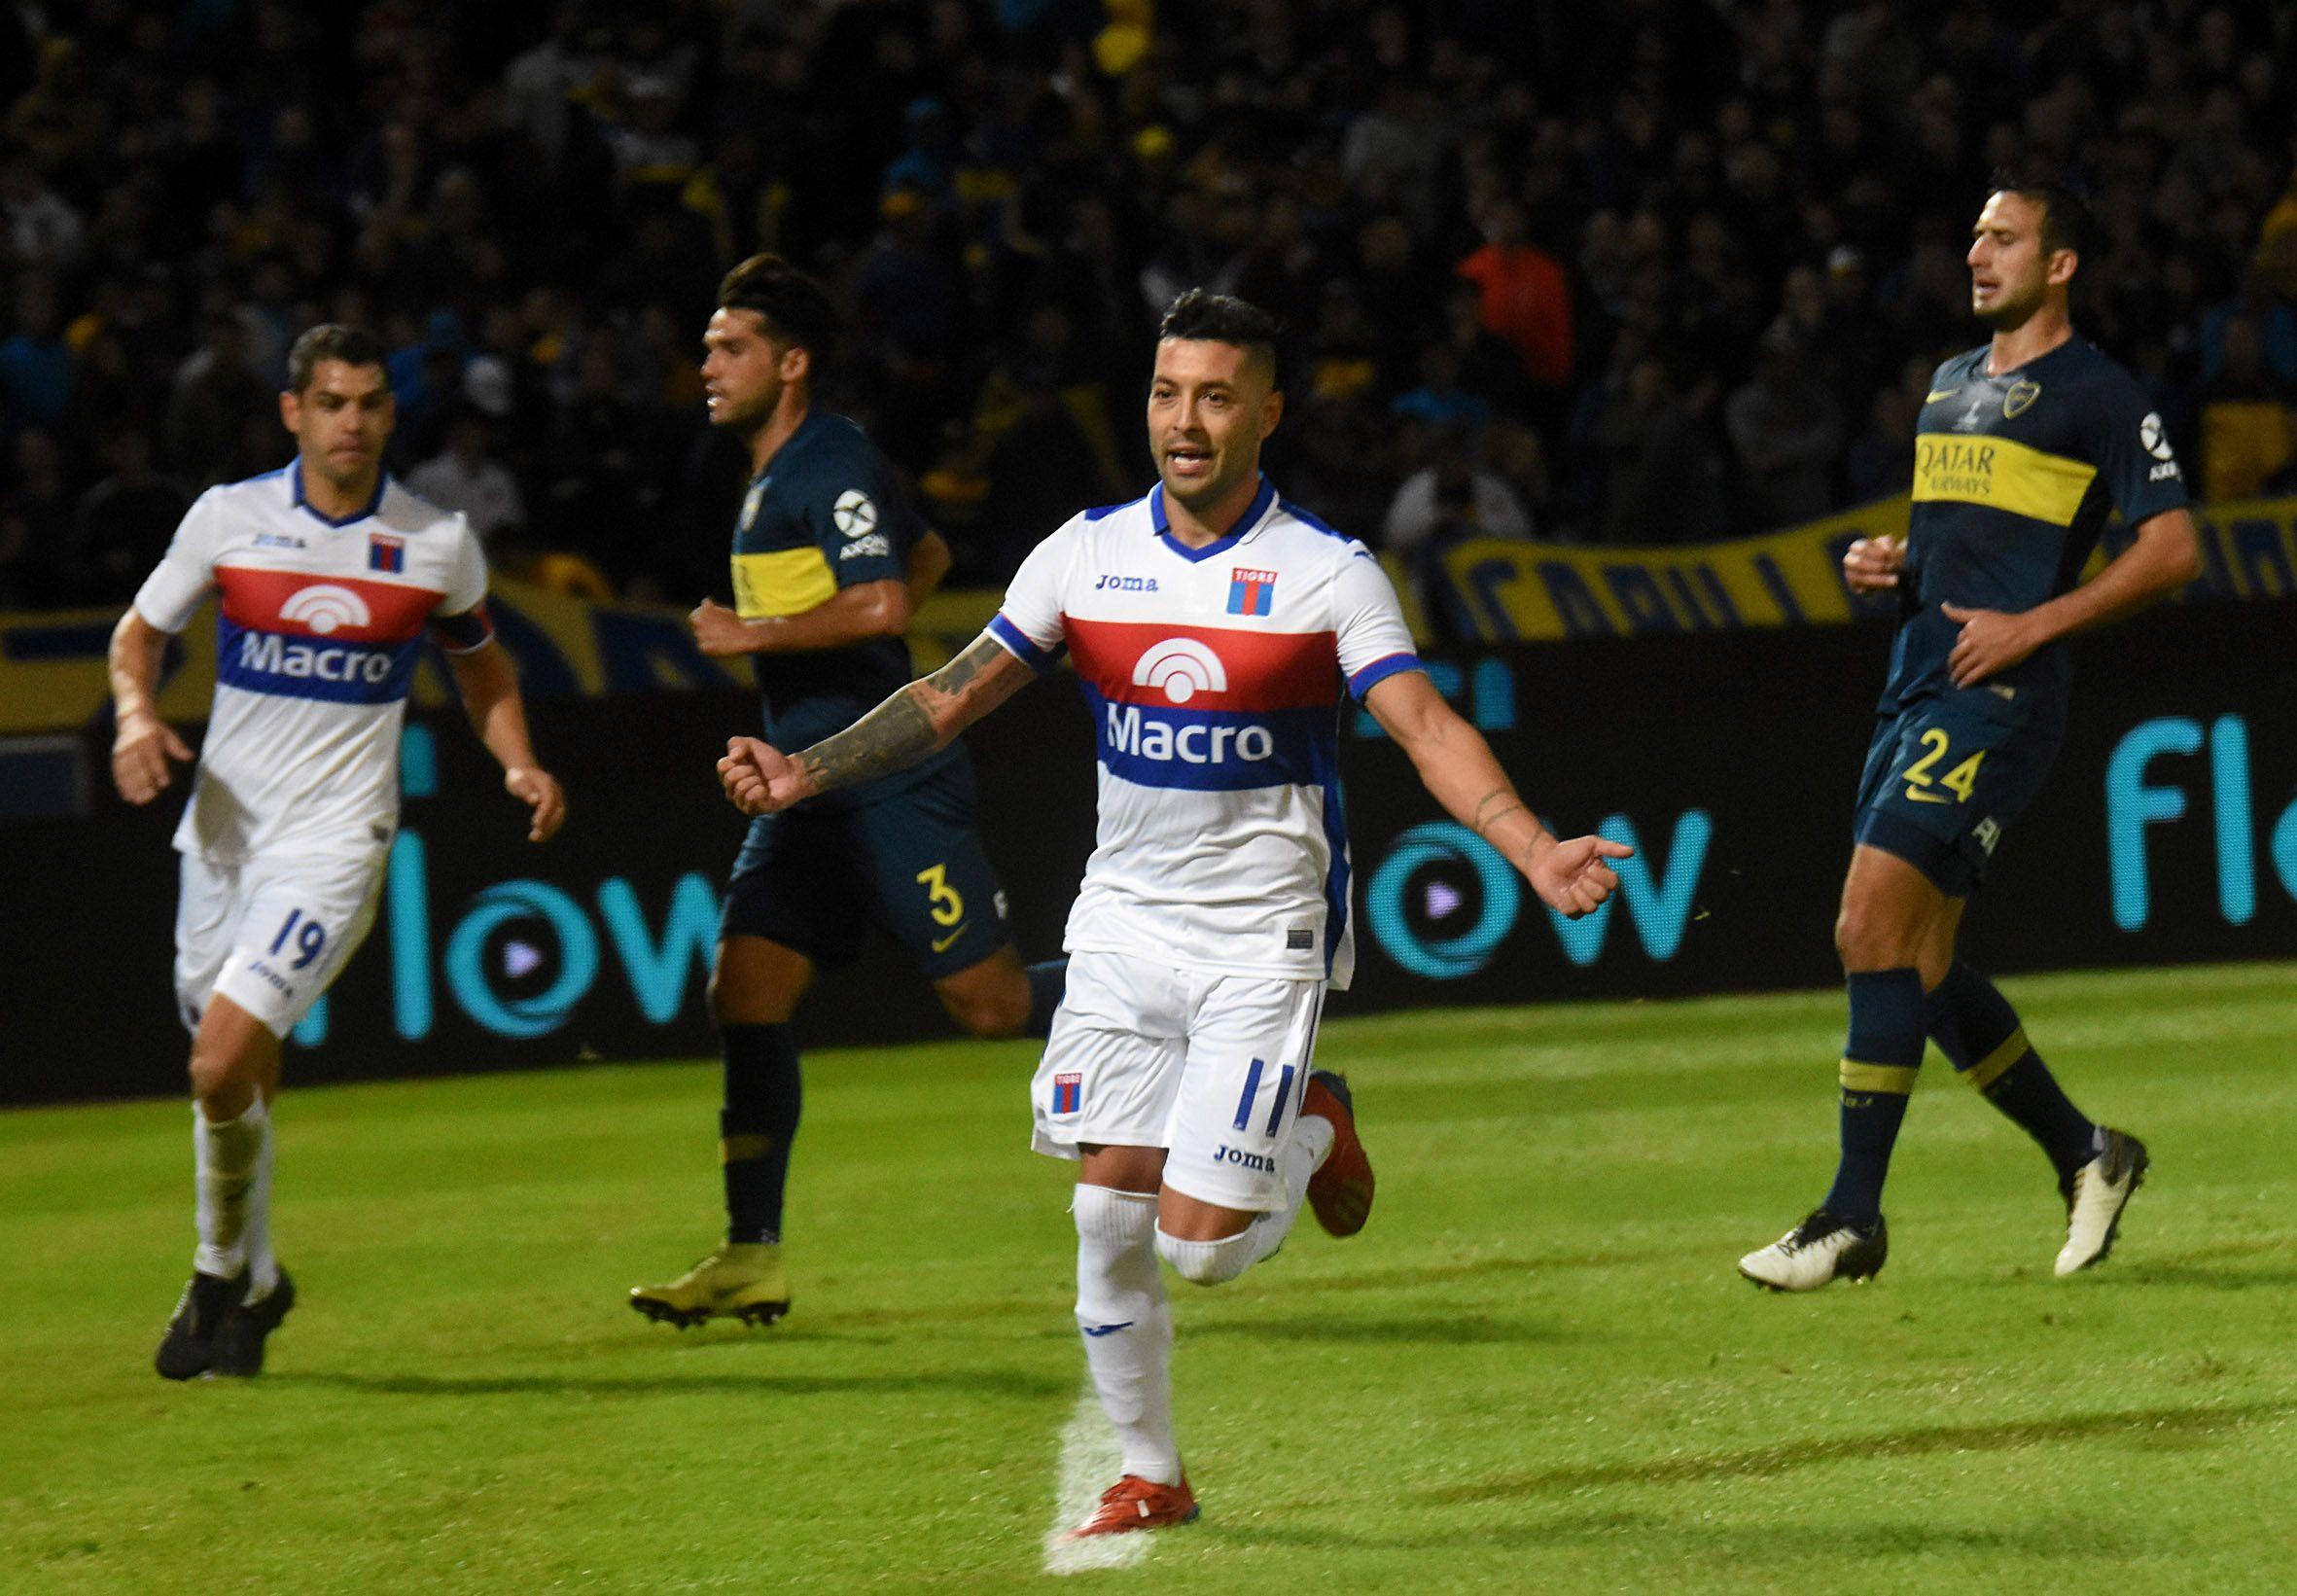 Tigre le ganó a Boca y es campeón de la Copa de la Superliga